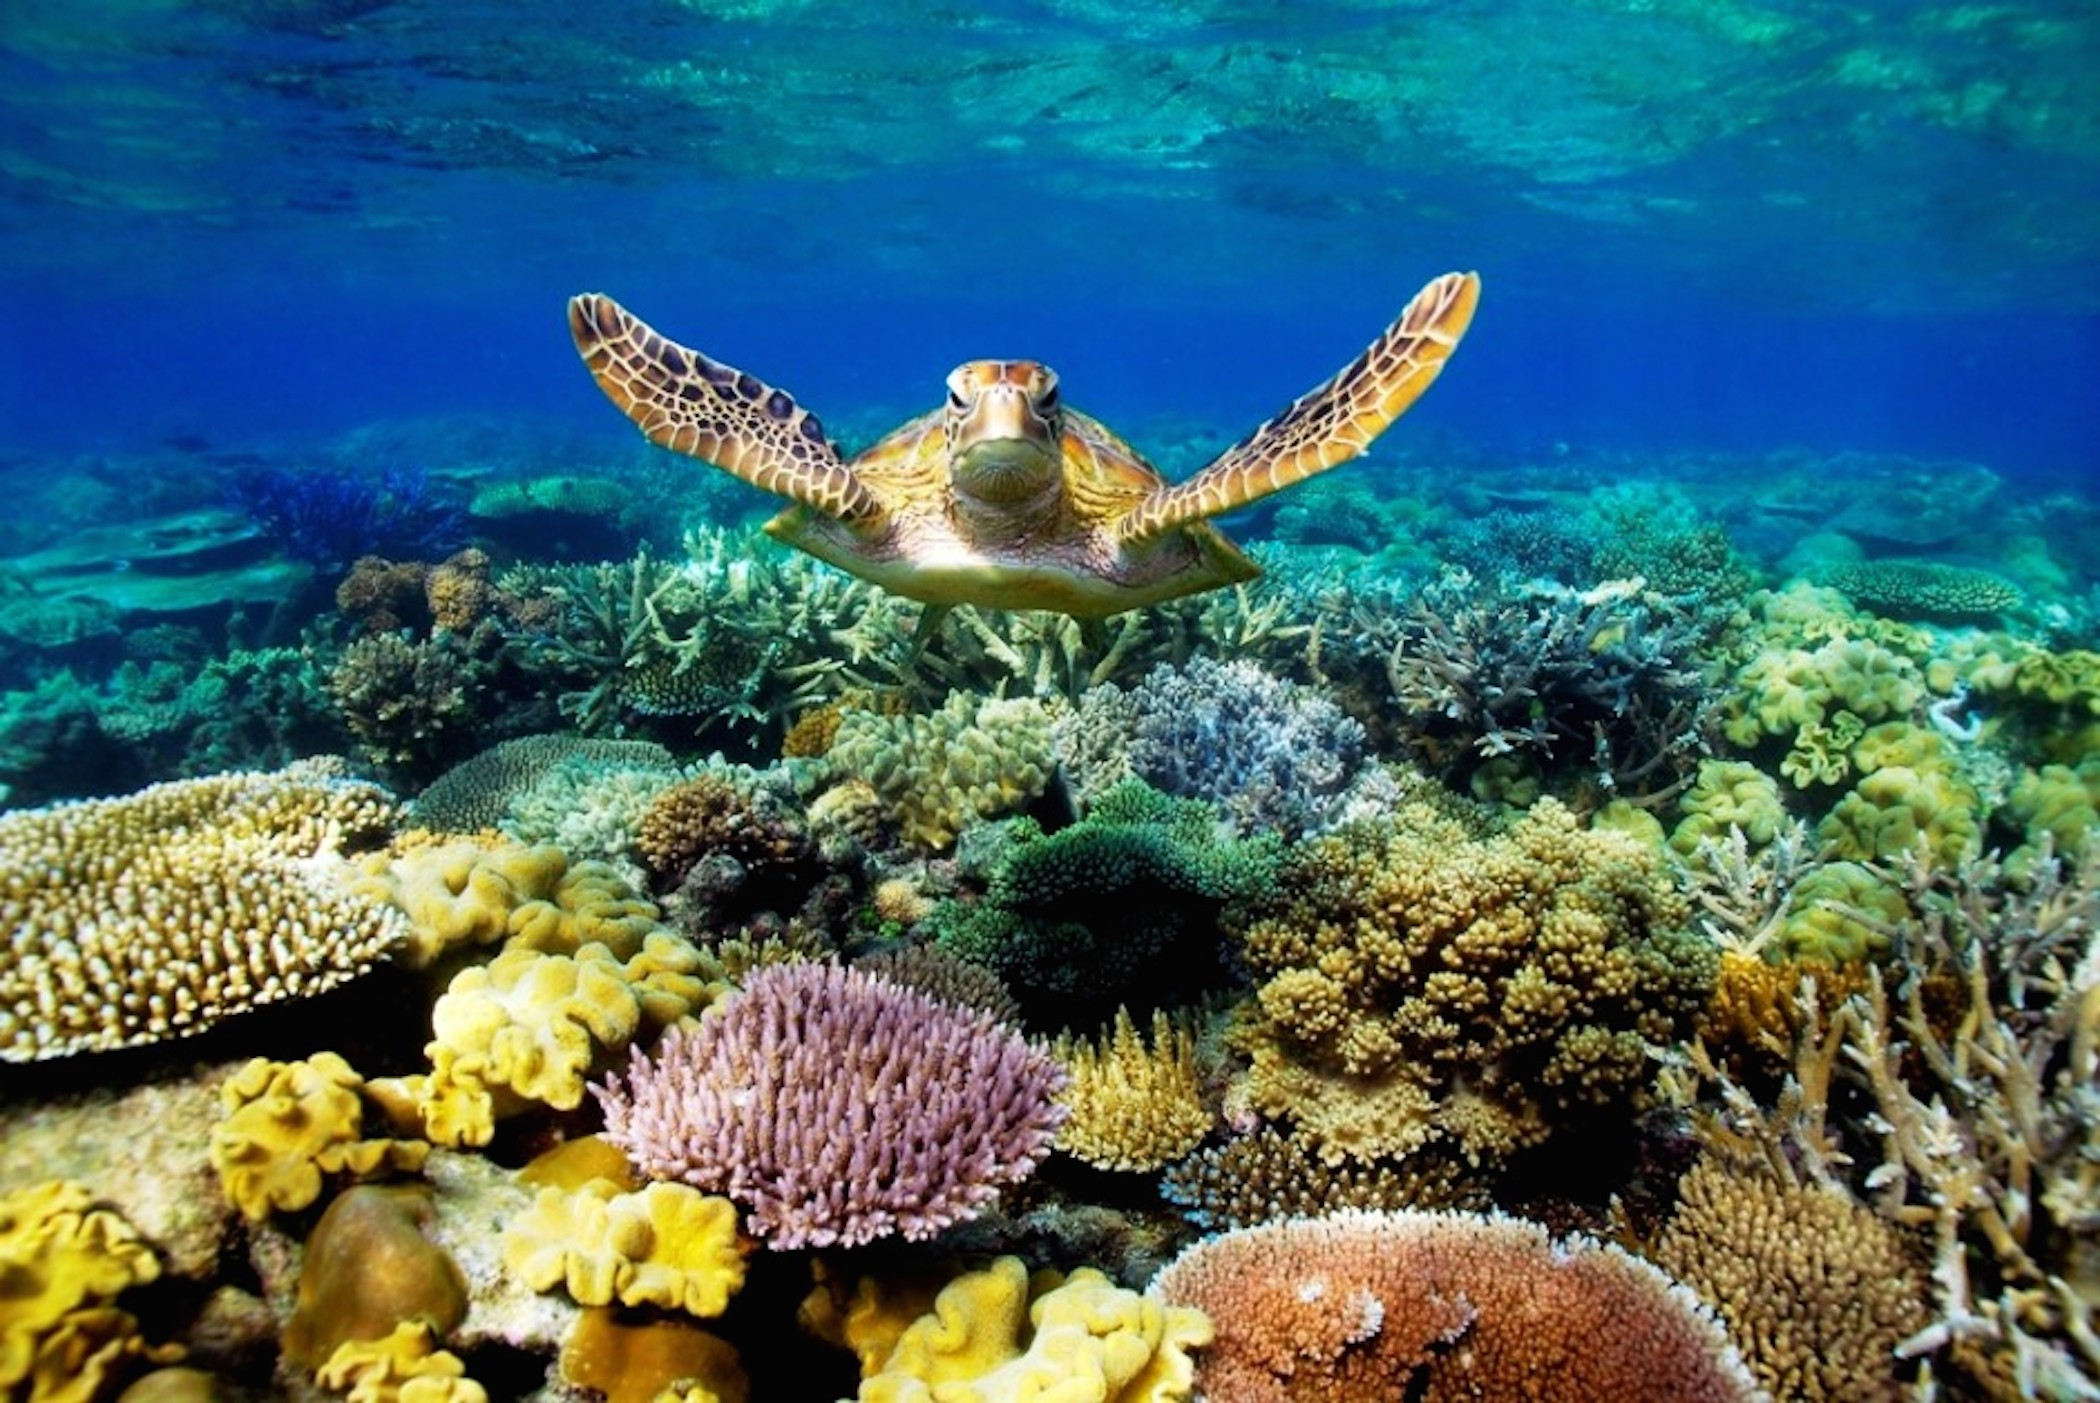 Free Download Great Barrier Reef Turtle Wallpaperjpg